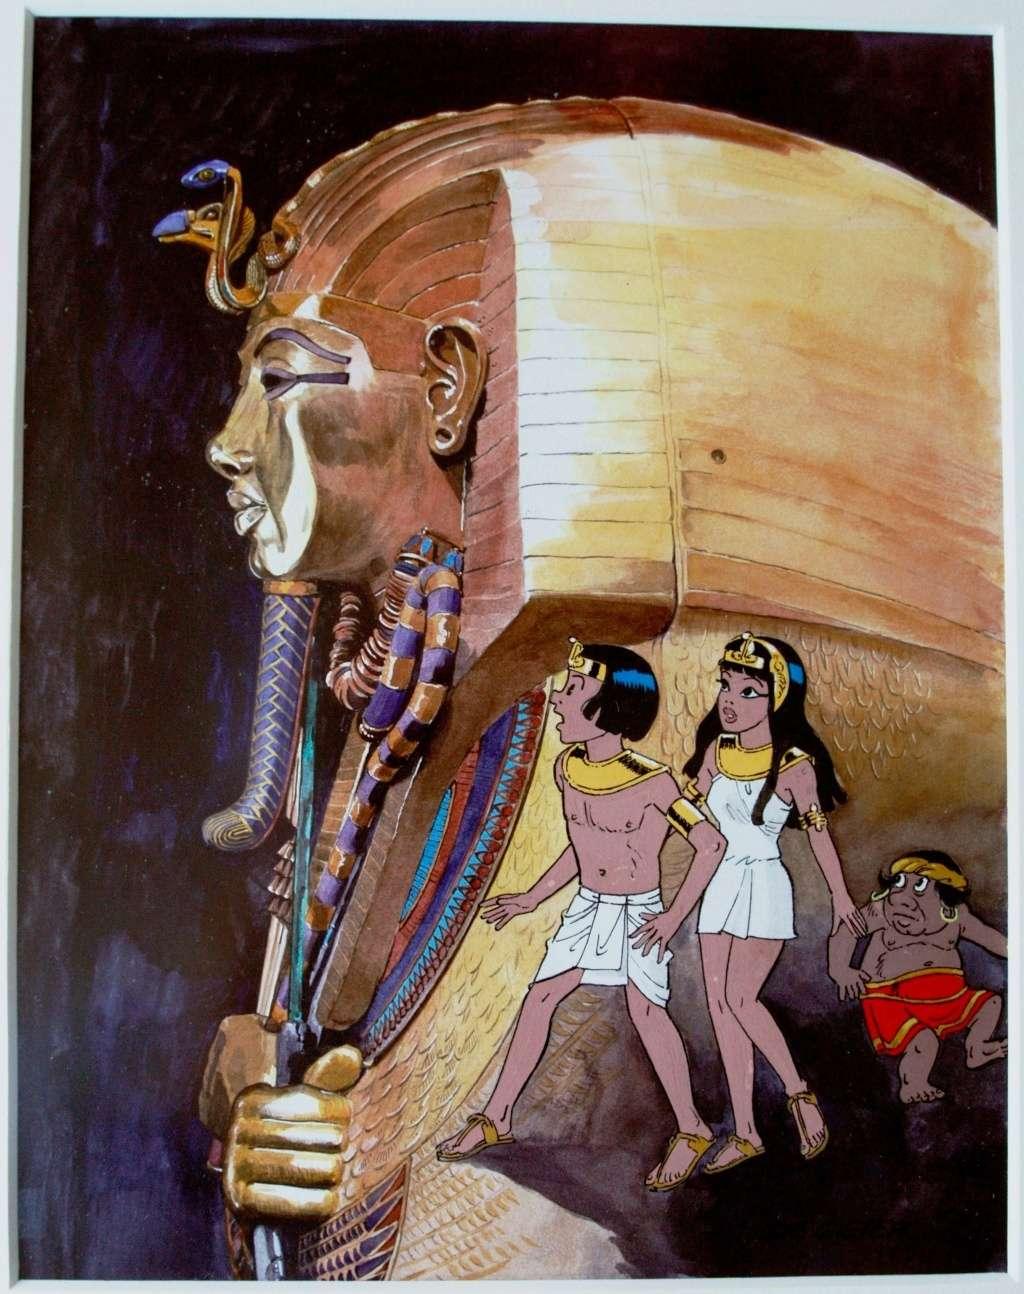 Papyrus par De Gieter - Page 3 De-gie10